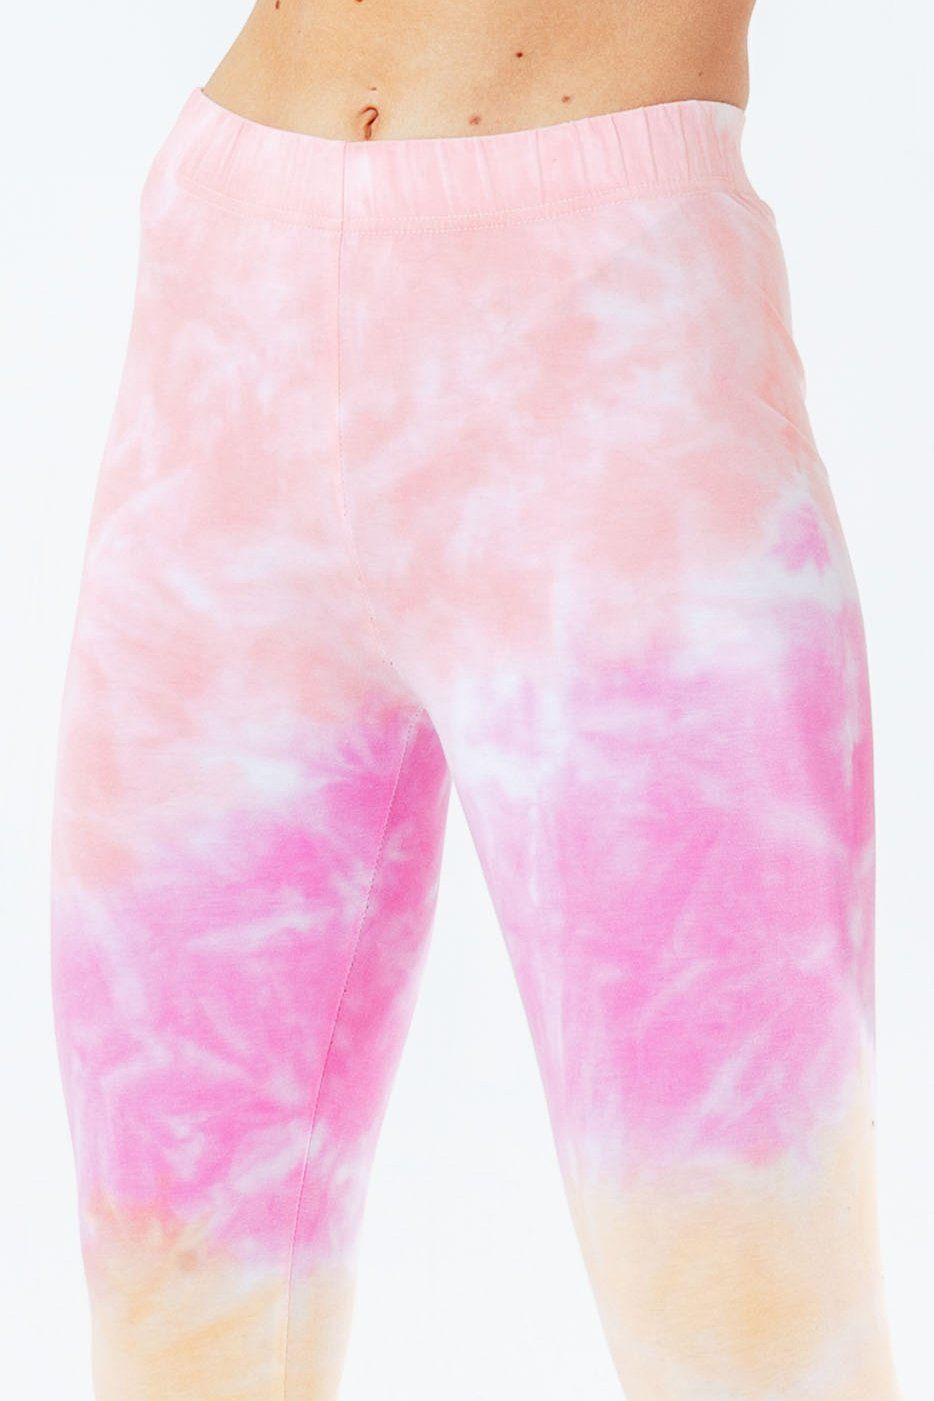 Hype Pink Tie Dye Scribble Logo Women's Leggings